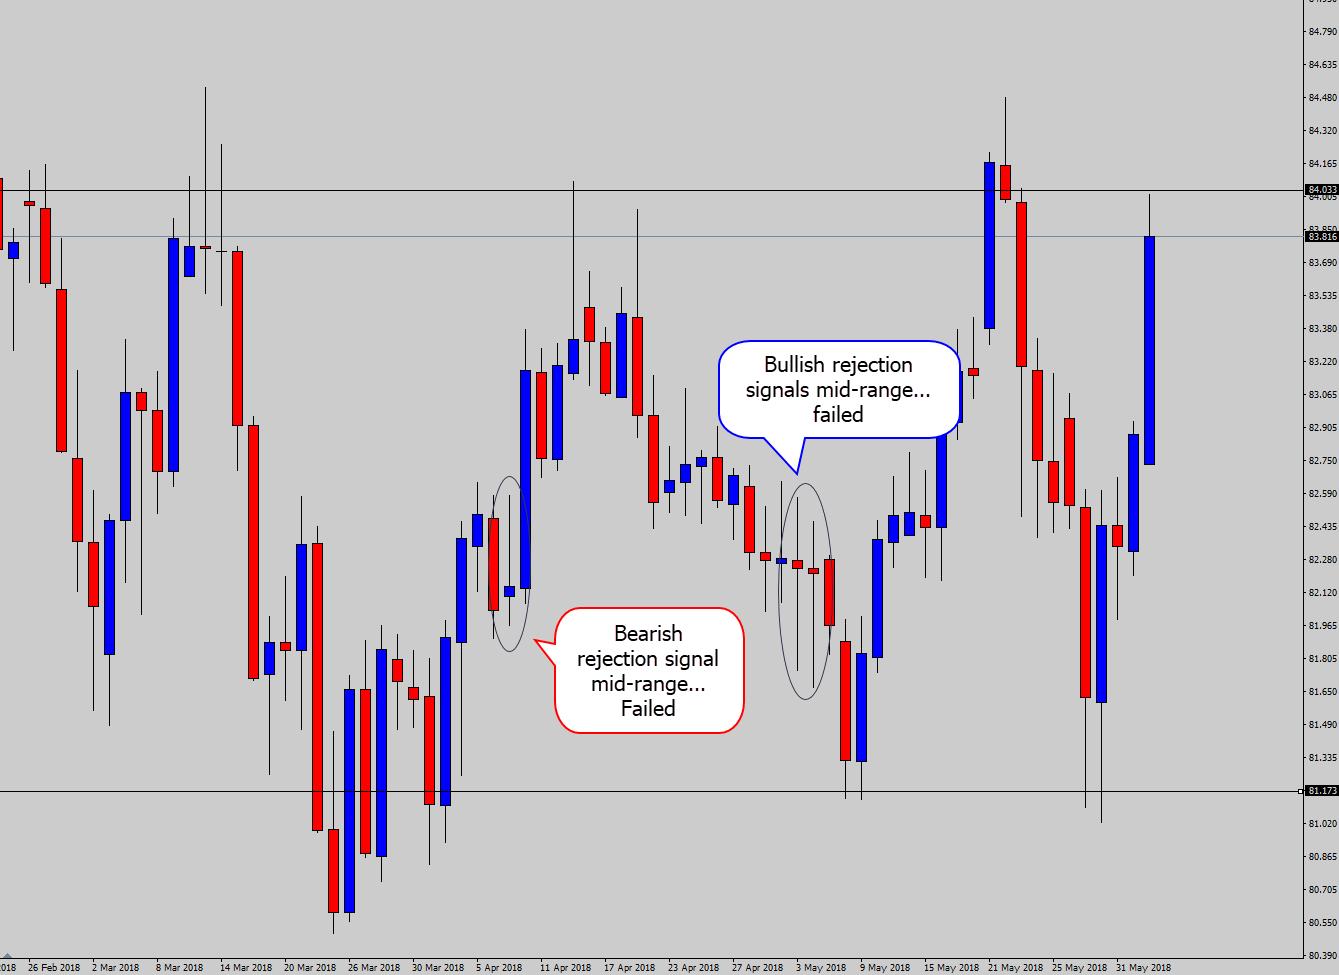 signals failing mid-range